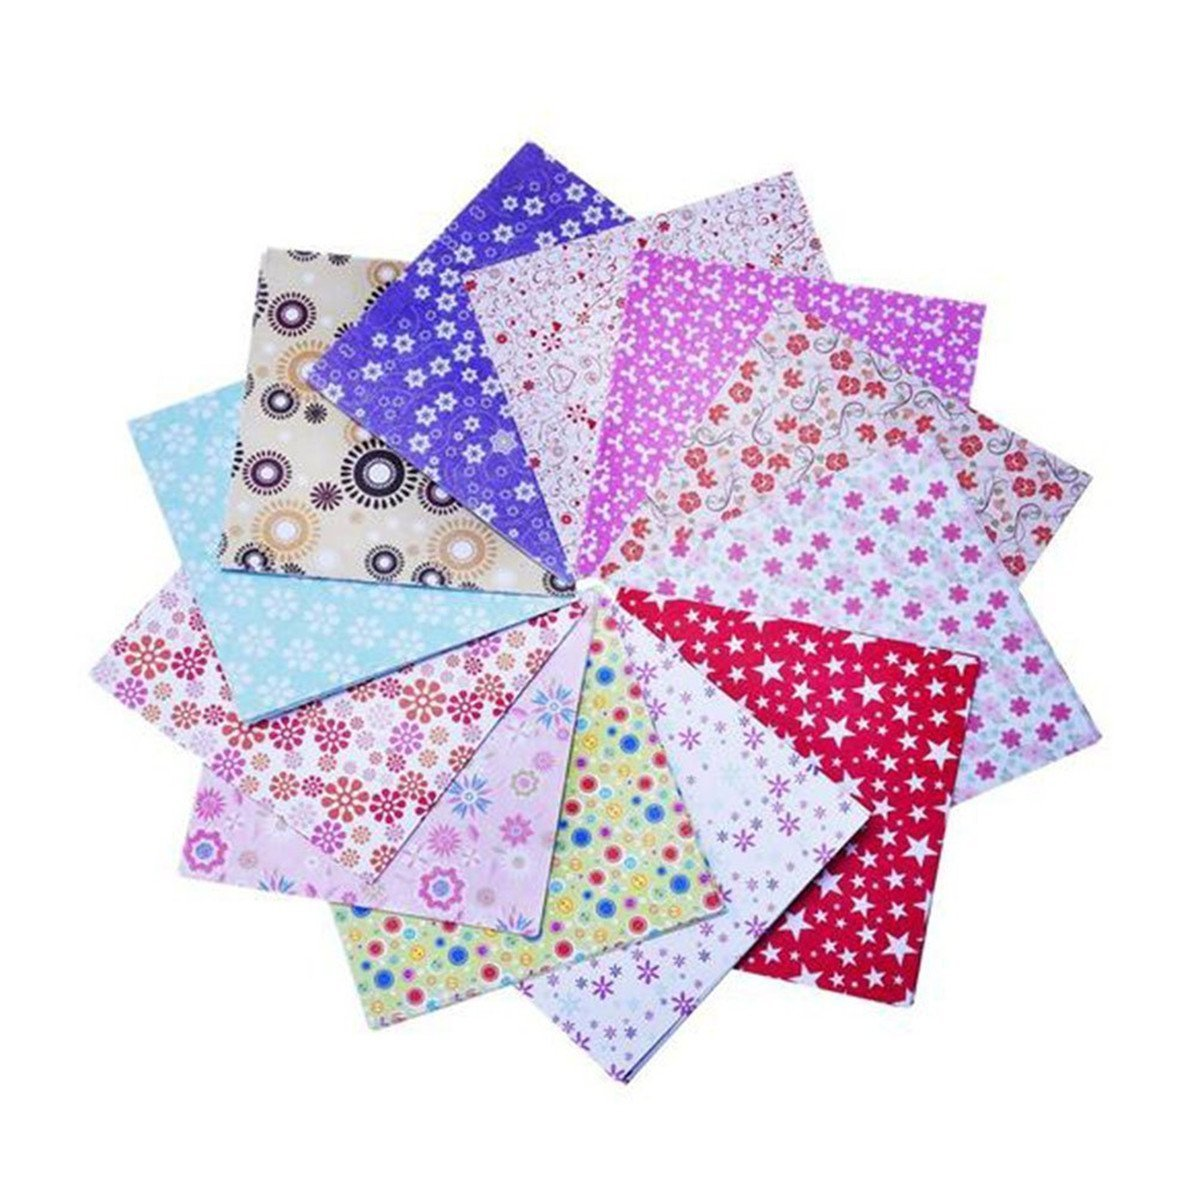 WeiMay Carta per origami,72 Fogli Carta Origami pieghevole da origami giapponese washi Piegante, 6 per 6 Pollice, 12 Diversi Colori e Modelli